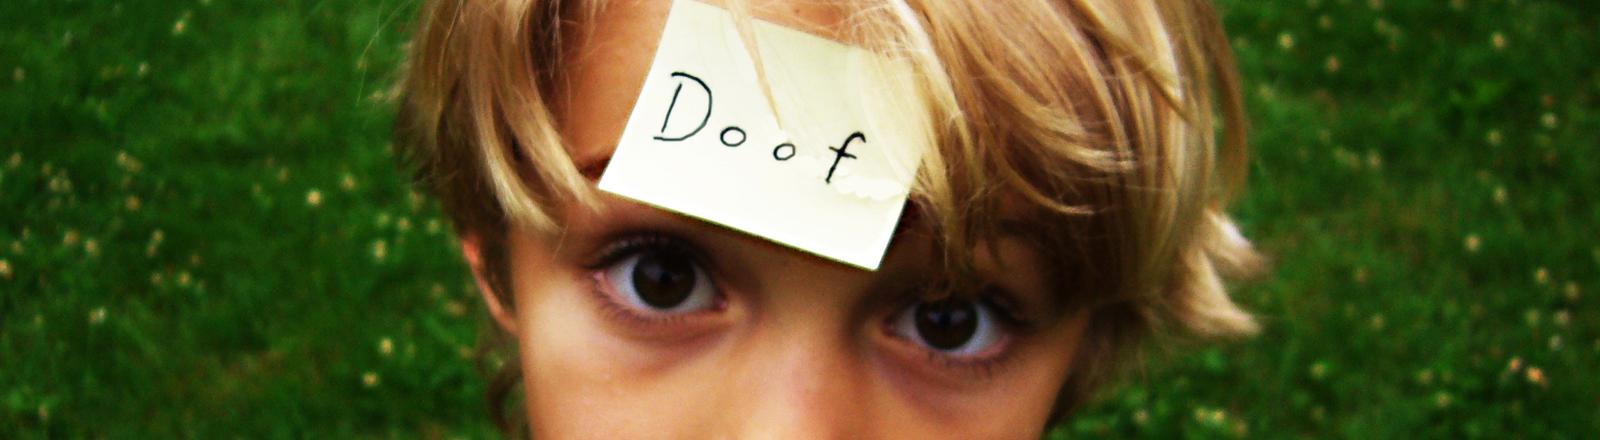 """Ein kleiner Junge hat auf der Stirn einen Zettel kleben, auf dem """"Doof"""" steht."""